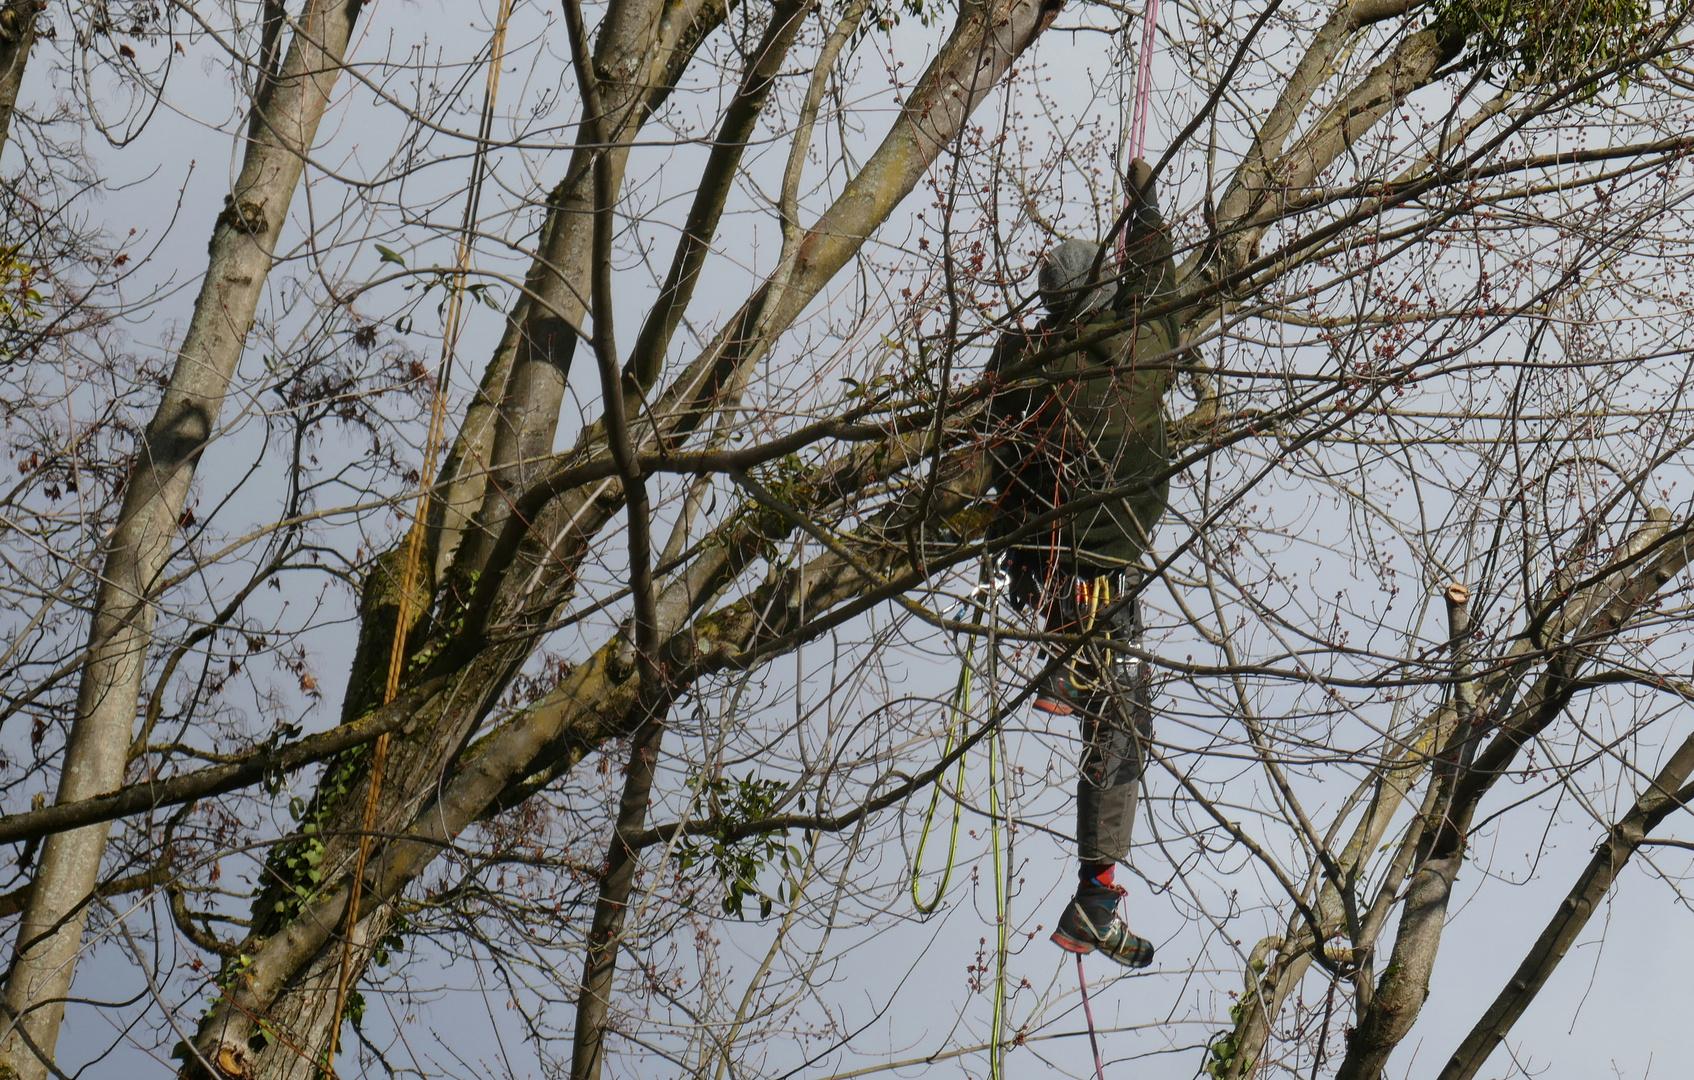 Europäischer Baumrabe, vorwiegend in der Stadt lebend, Fortpflanzung gesichert